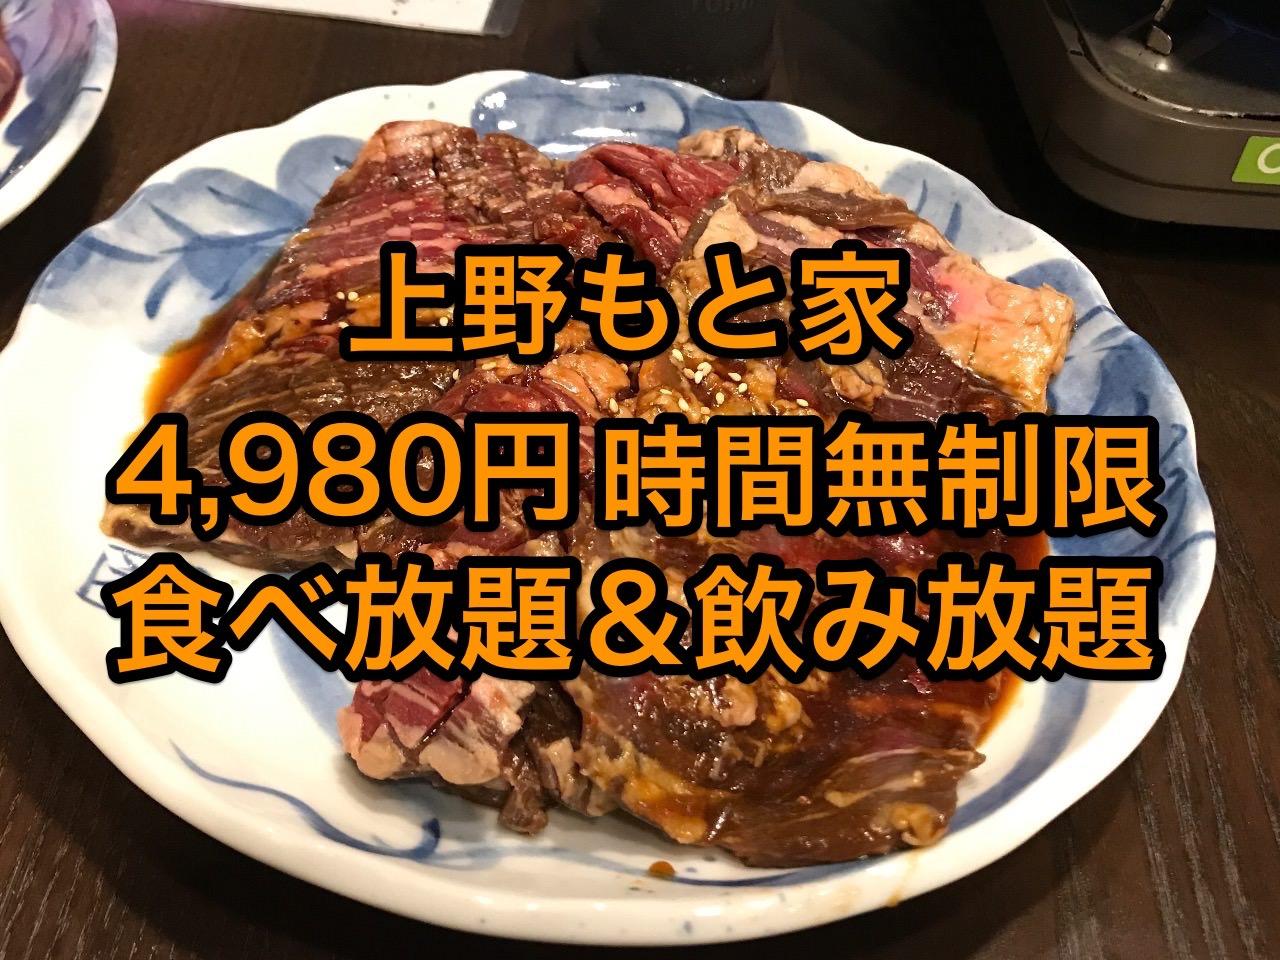 「もと家 上野店」時間無制限の飲み放題&食べ放題が4,980円